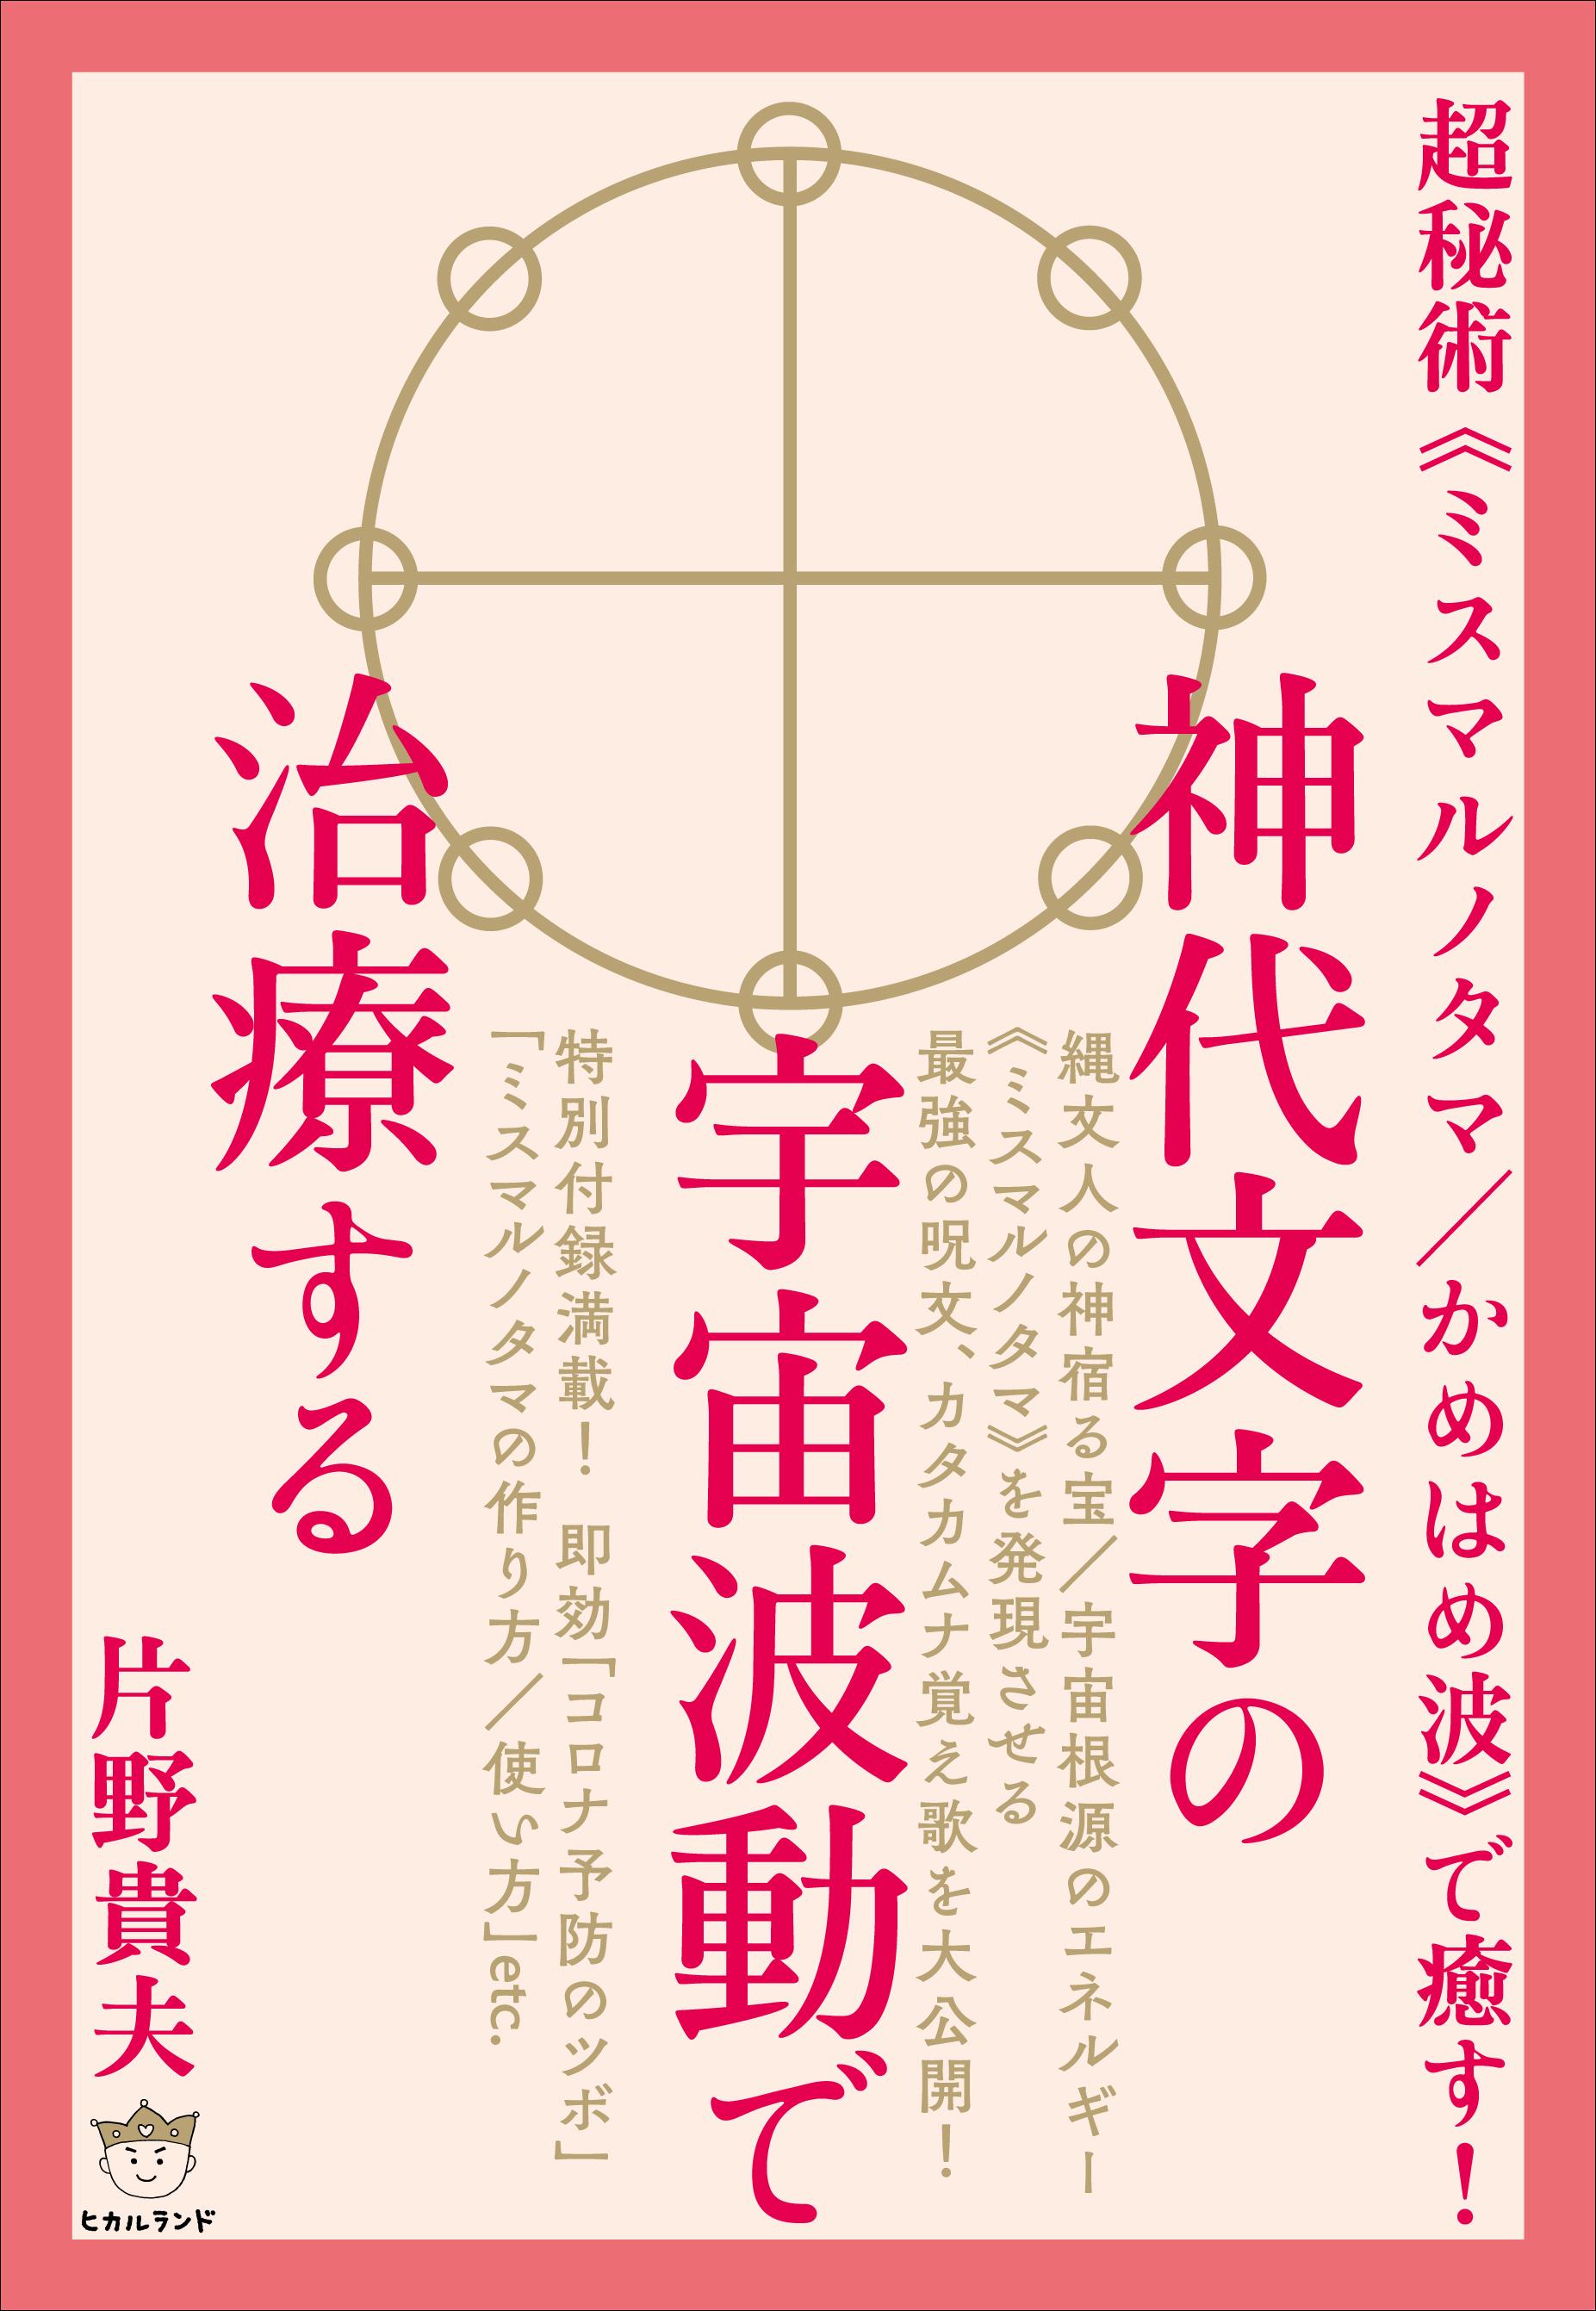 jindaimoji_H1.jpg